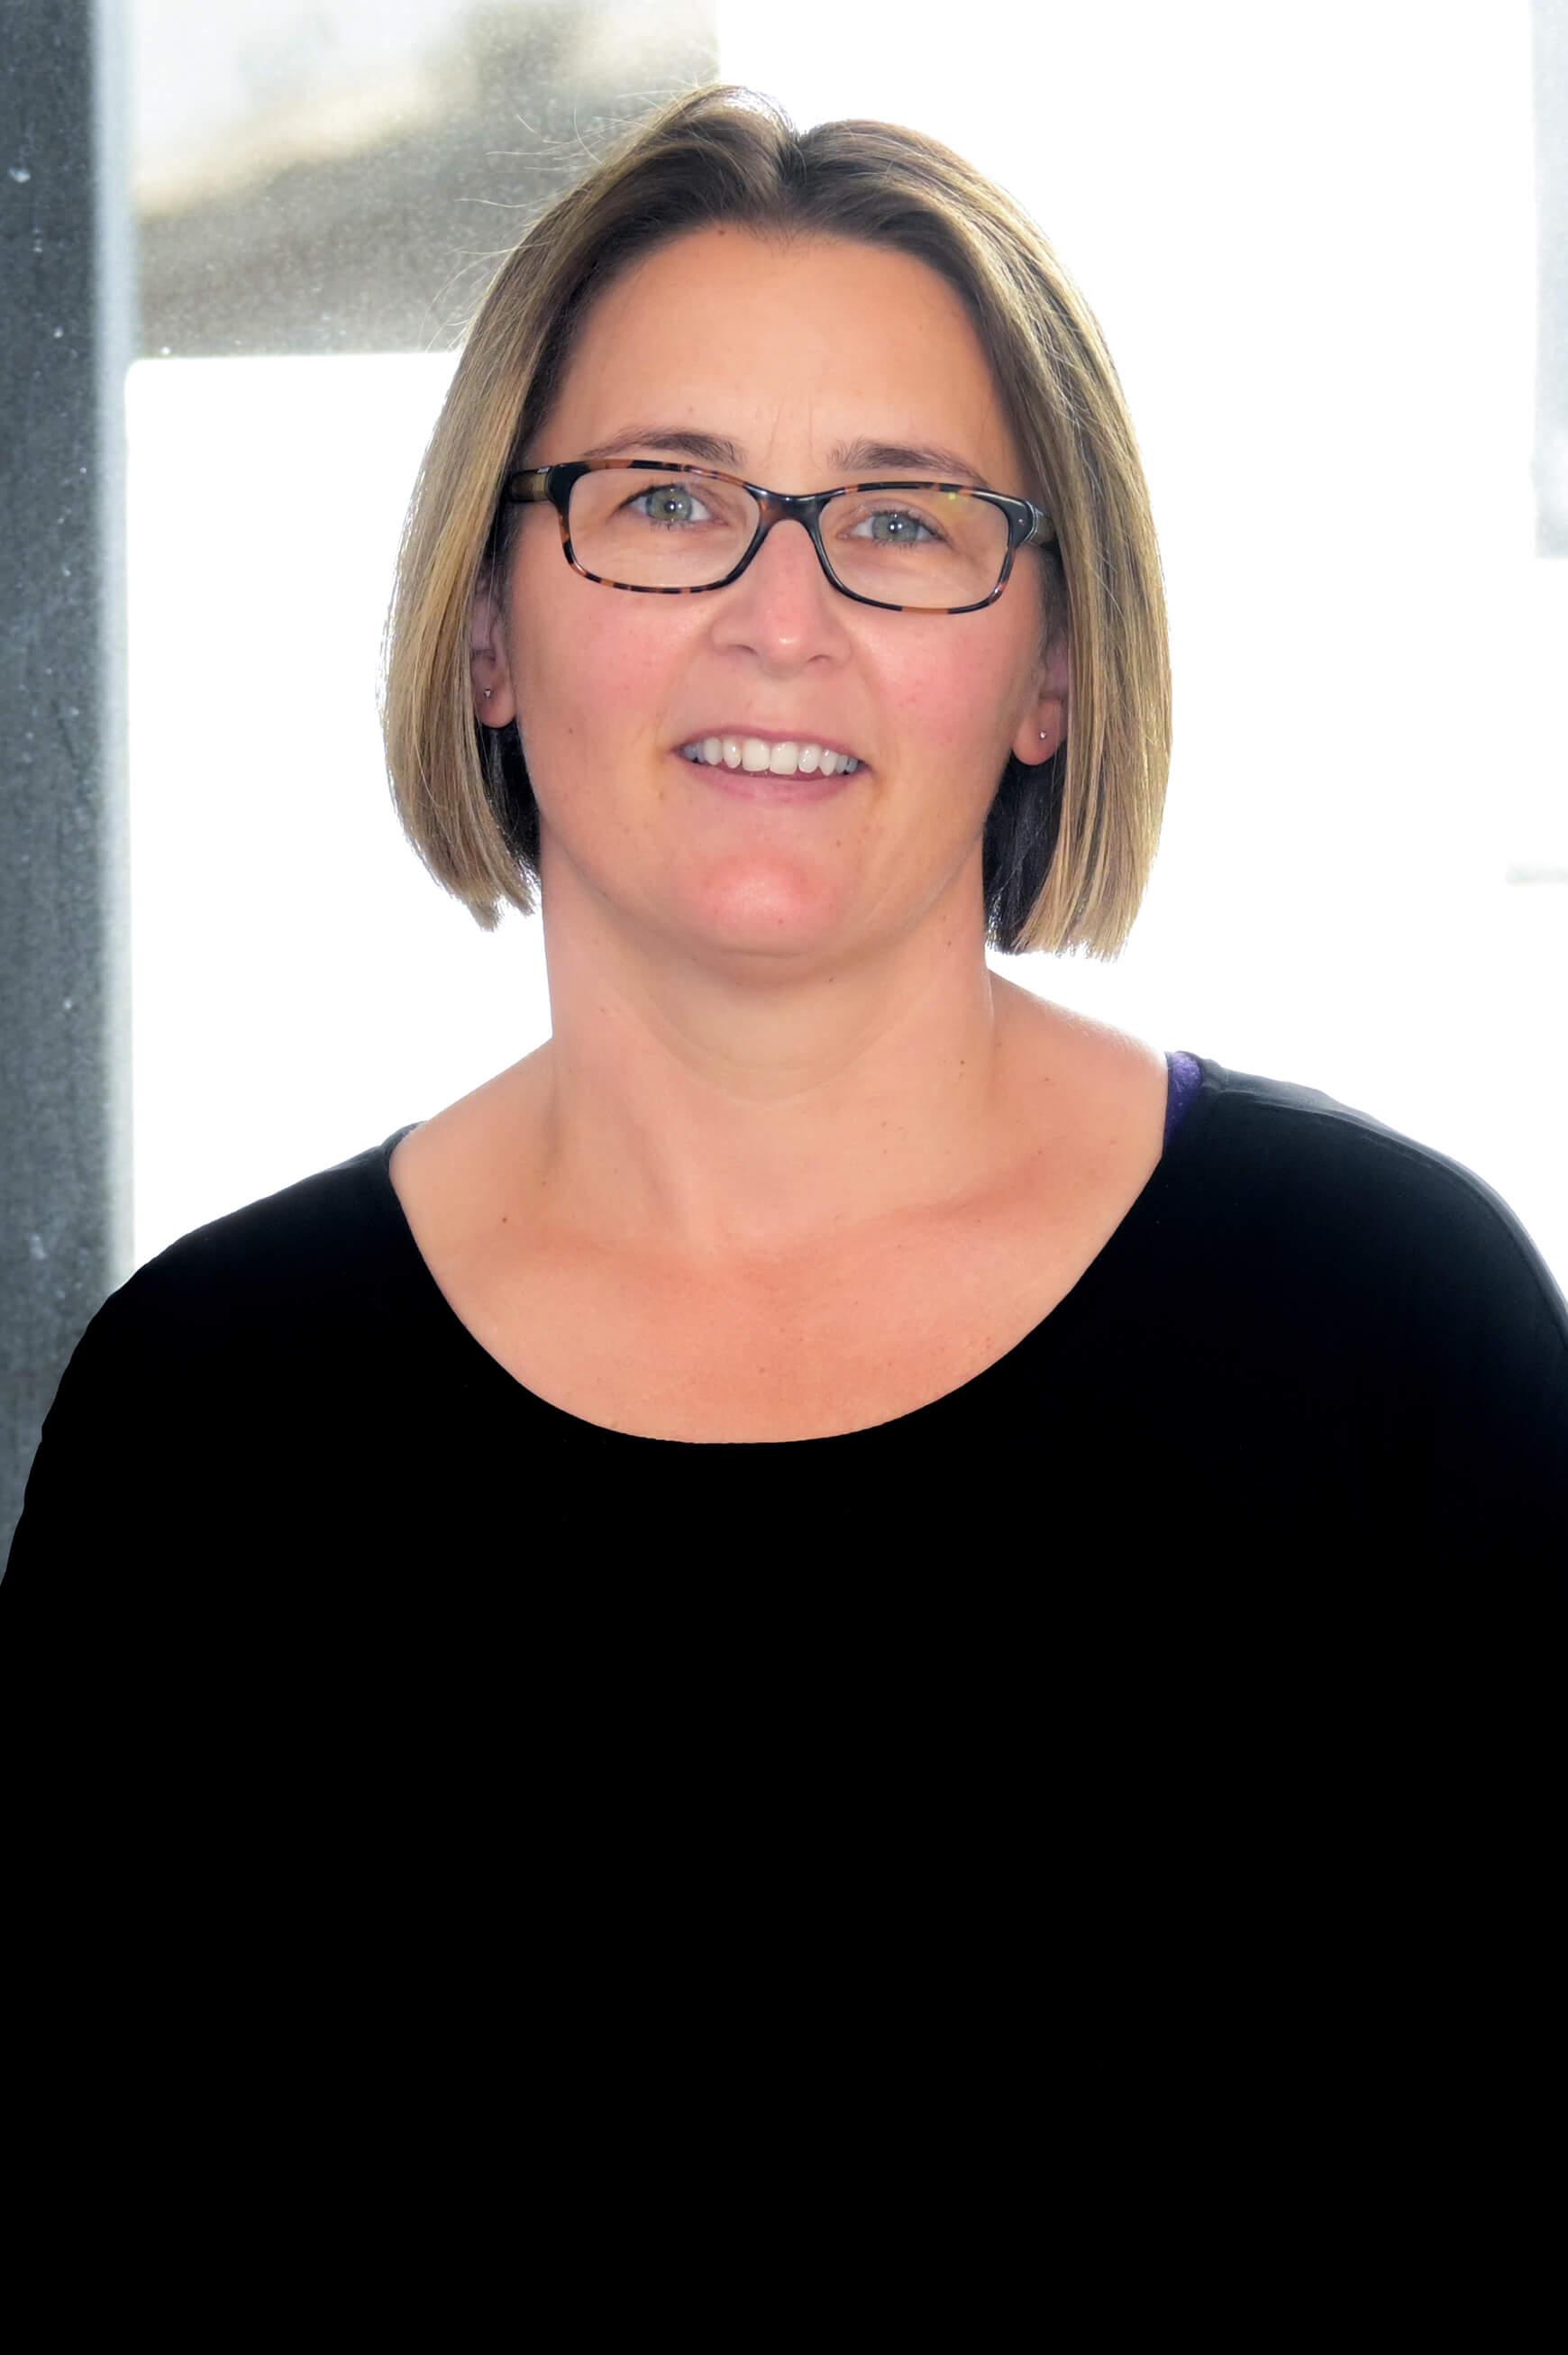 Sonja Hucker